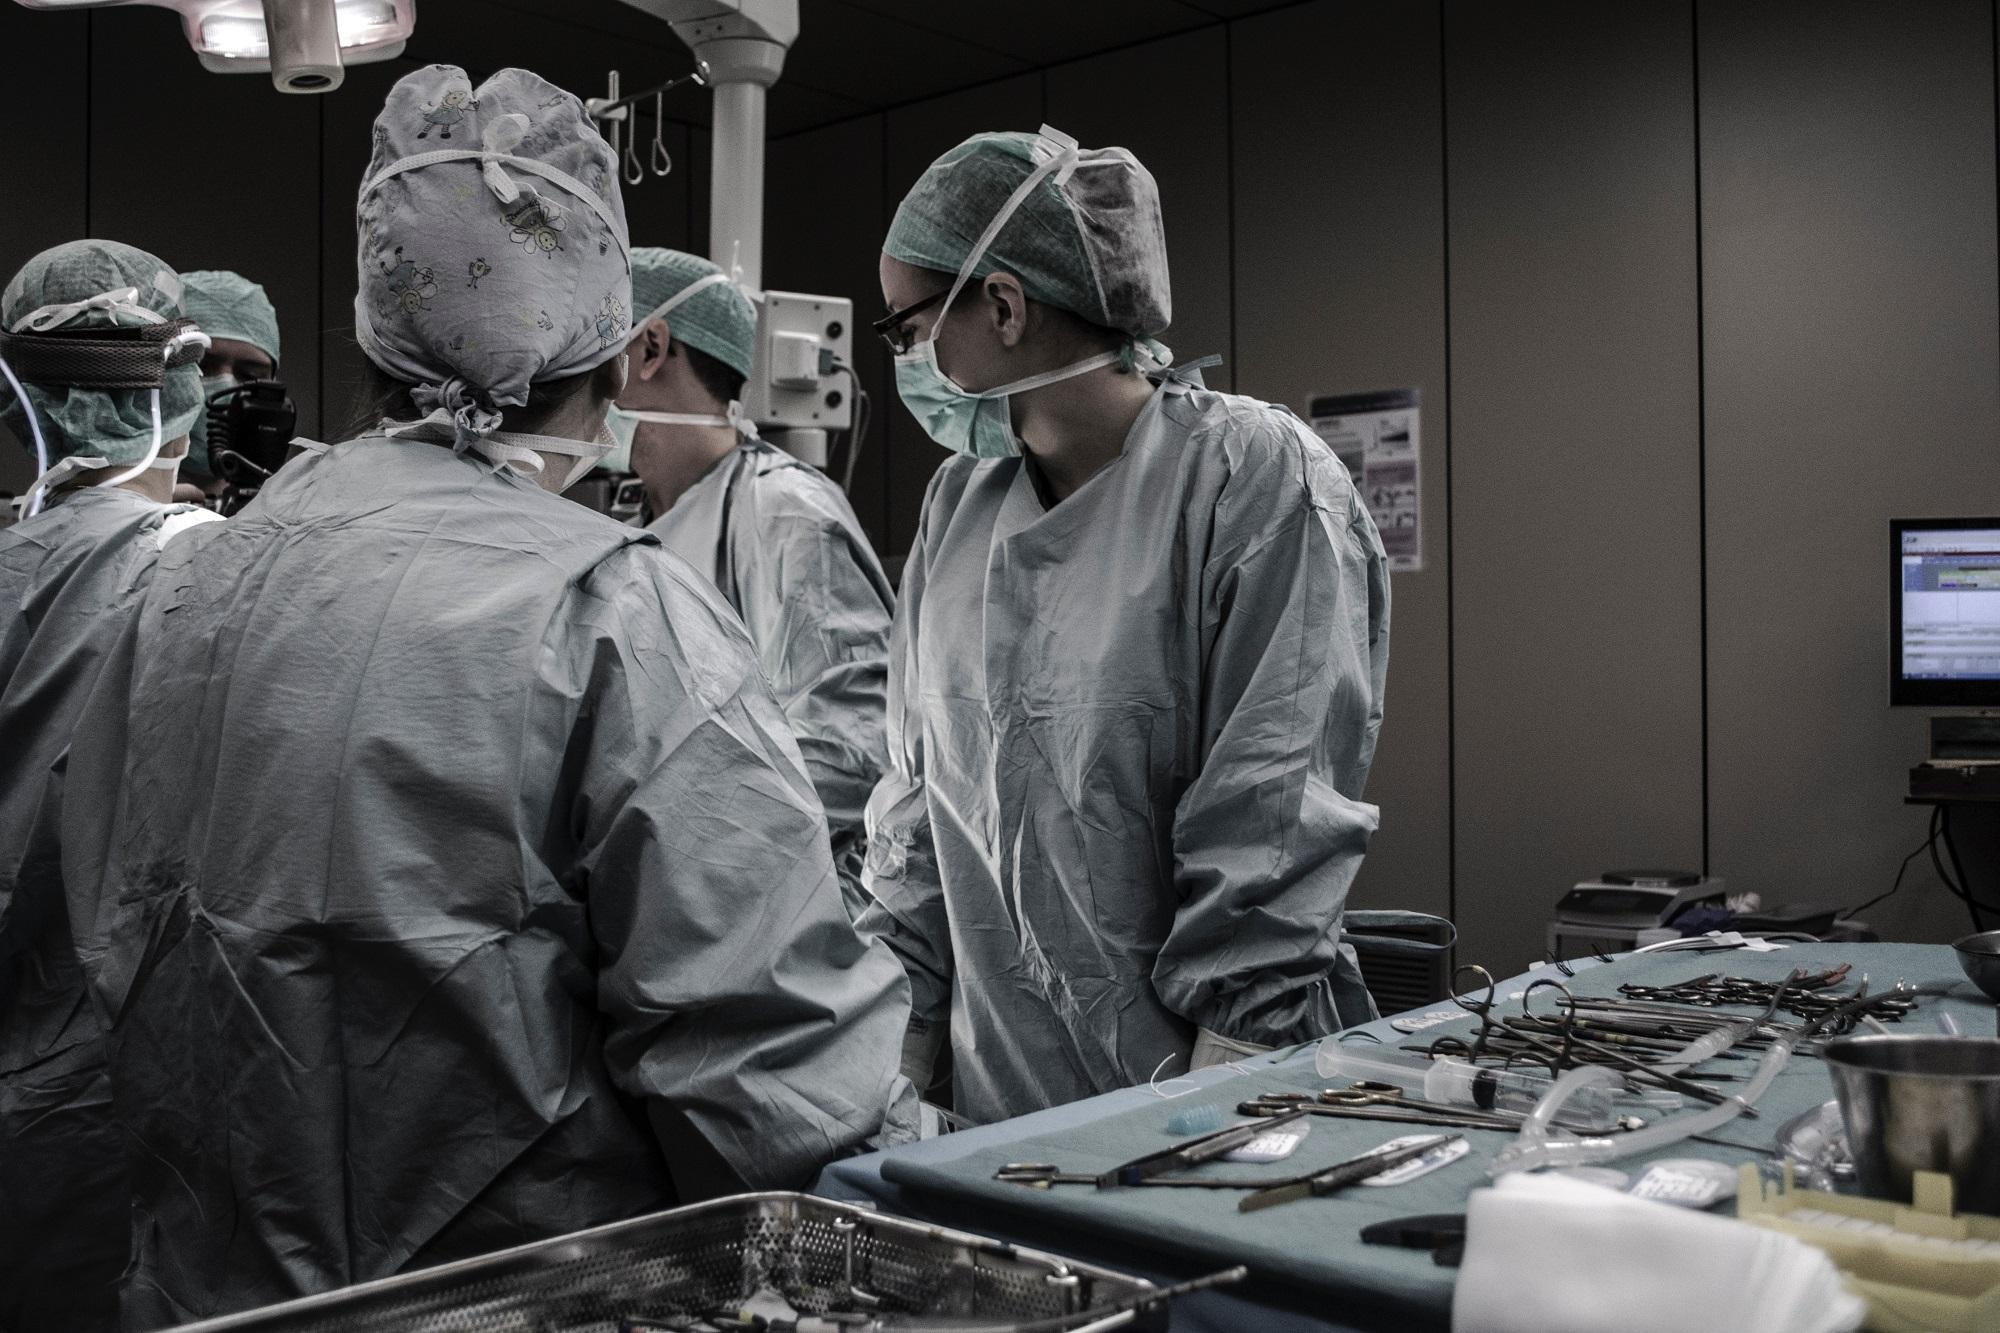 El IoT de la salud mejora la atención médica